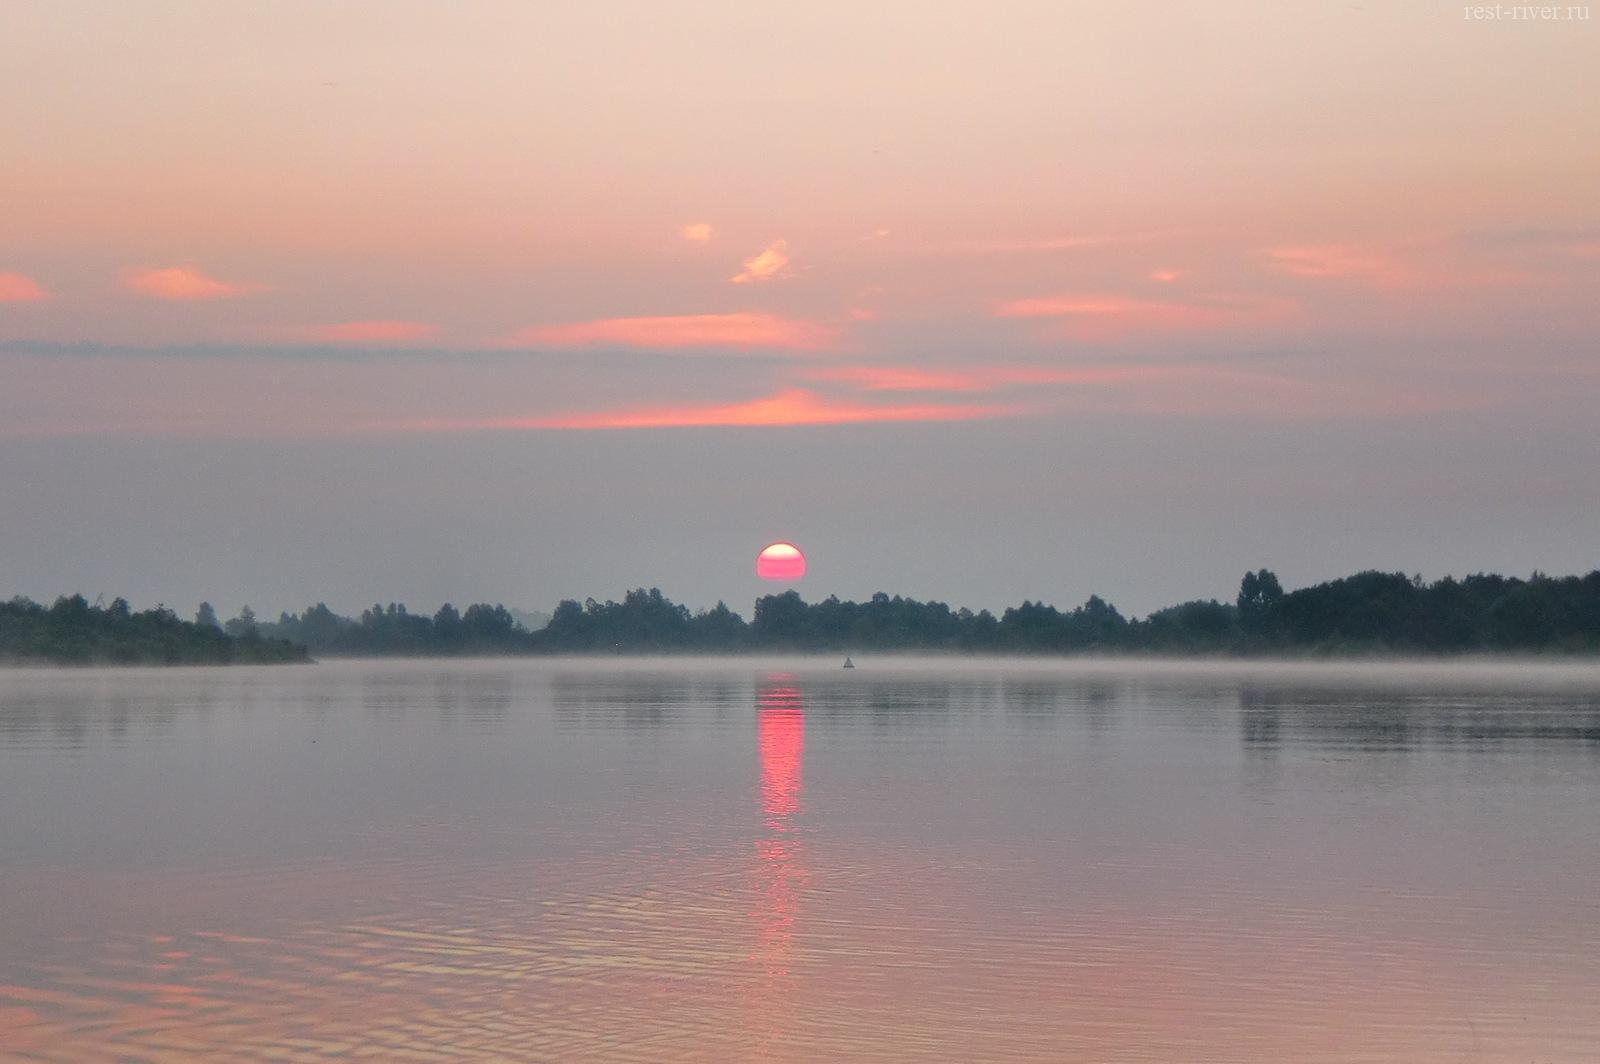 красивое фото река восход солнца